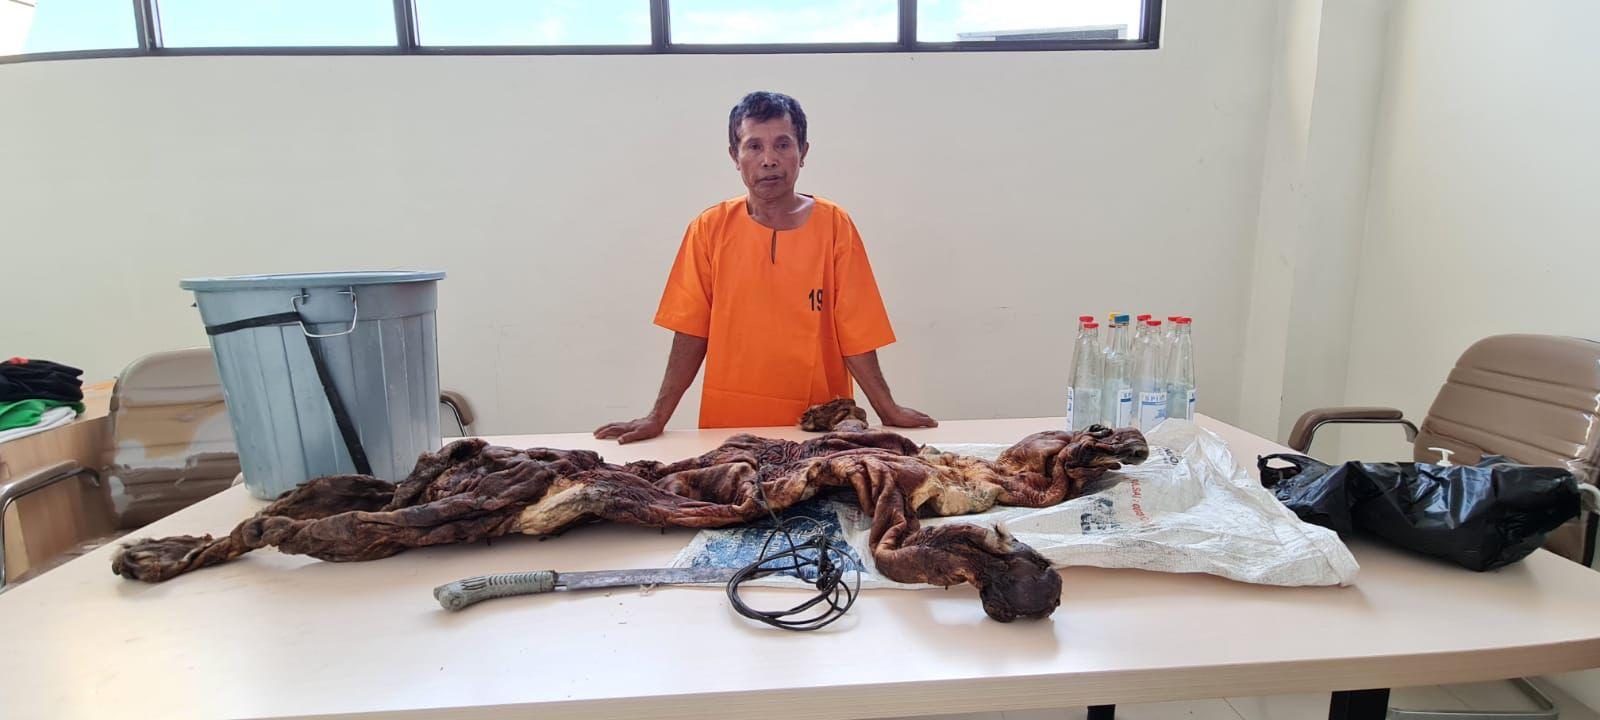 Foto BAT yang diamankan Tim Subdit. IV Tipidter Ditreskrimsus Polda Riau karena tertangkap tangan bawa kulit harimau.